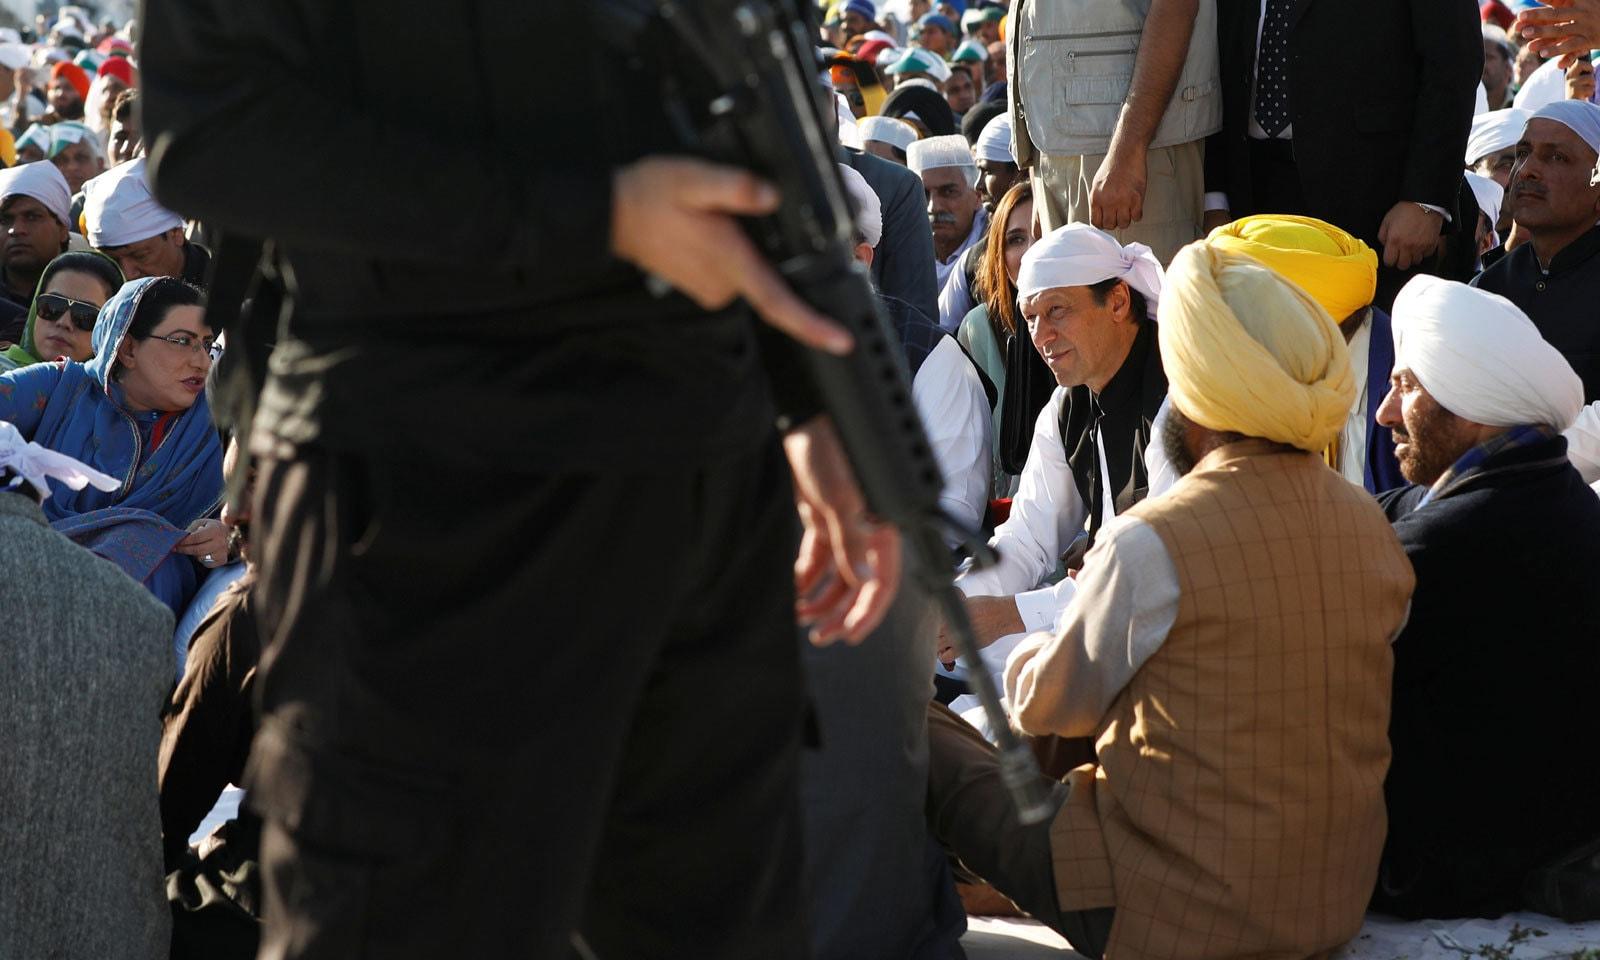 کرتارپور راہداری کی افتاحی تقریب میں سنی دیول وزیر اعظم عمران خان کے ساتھ بیٹھے ہوئے ہیں— فوٹو: رائٹرز